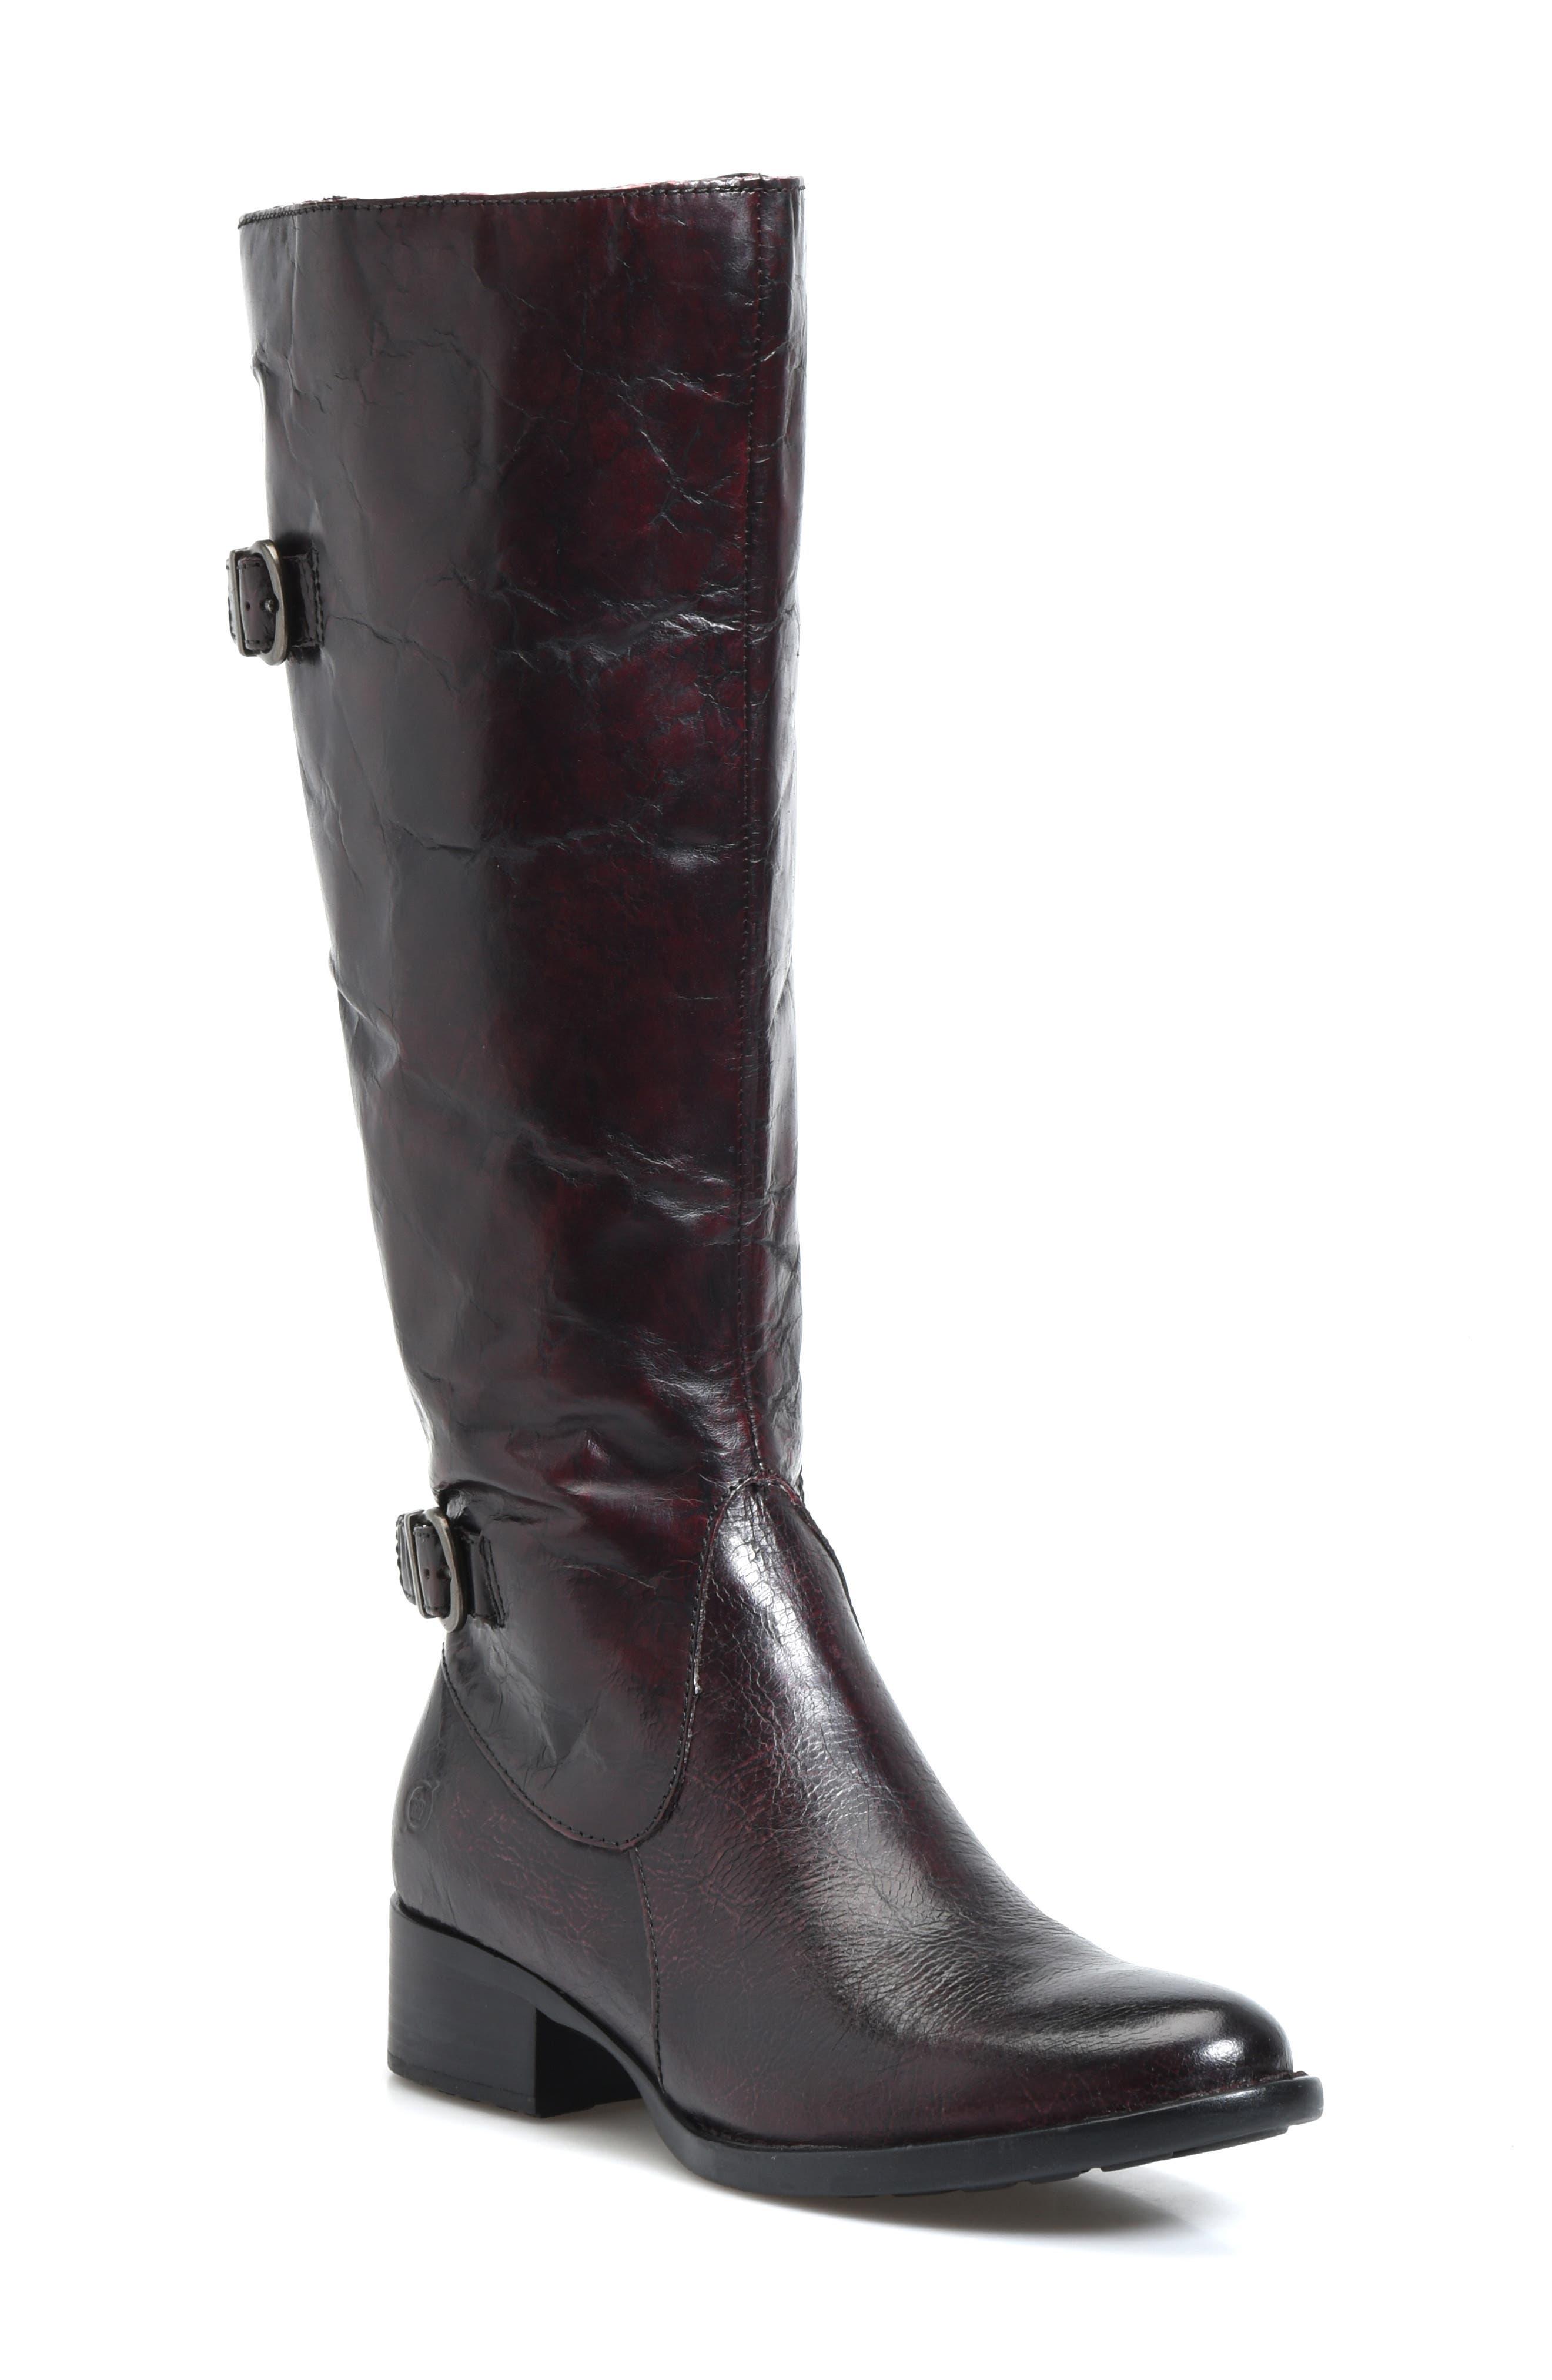 B?rn Gibb Knee High Riding Boot, Burgundy